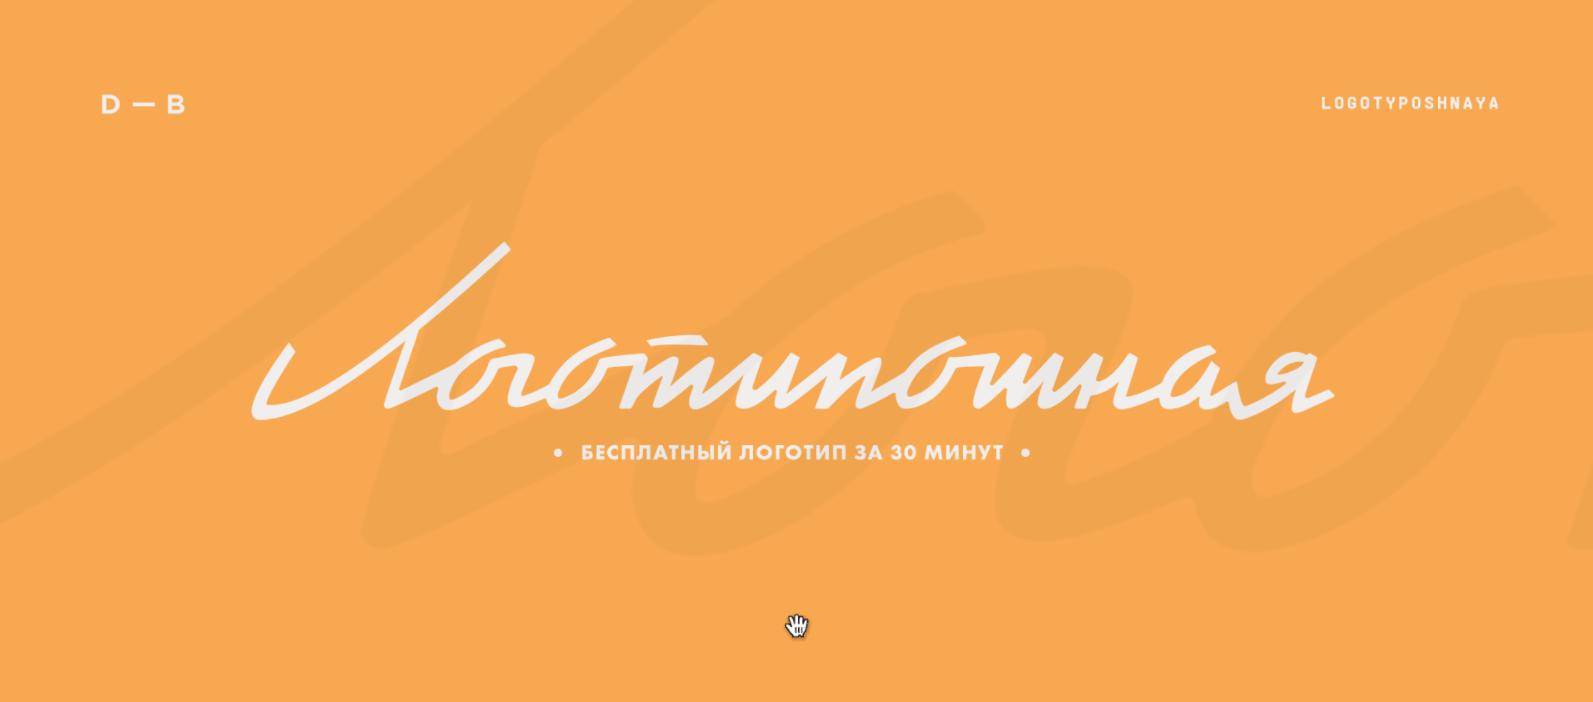 Logotyposhnaya: 50 Logotypes in 32 Hours